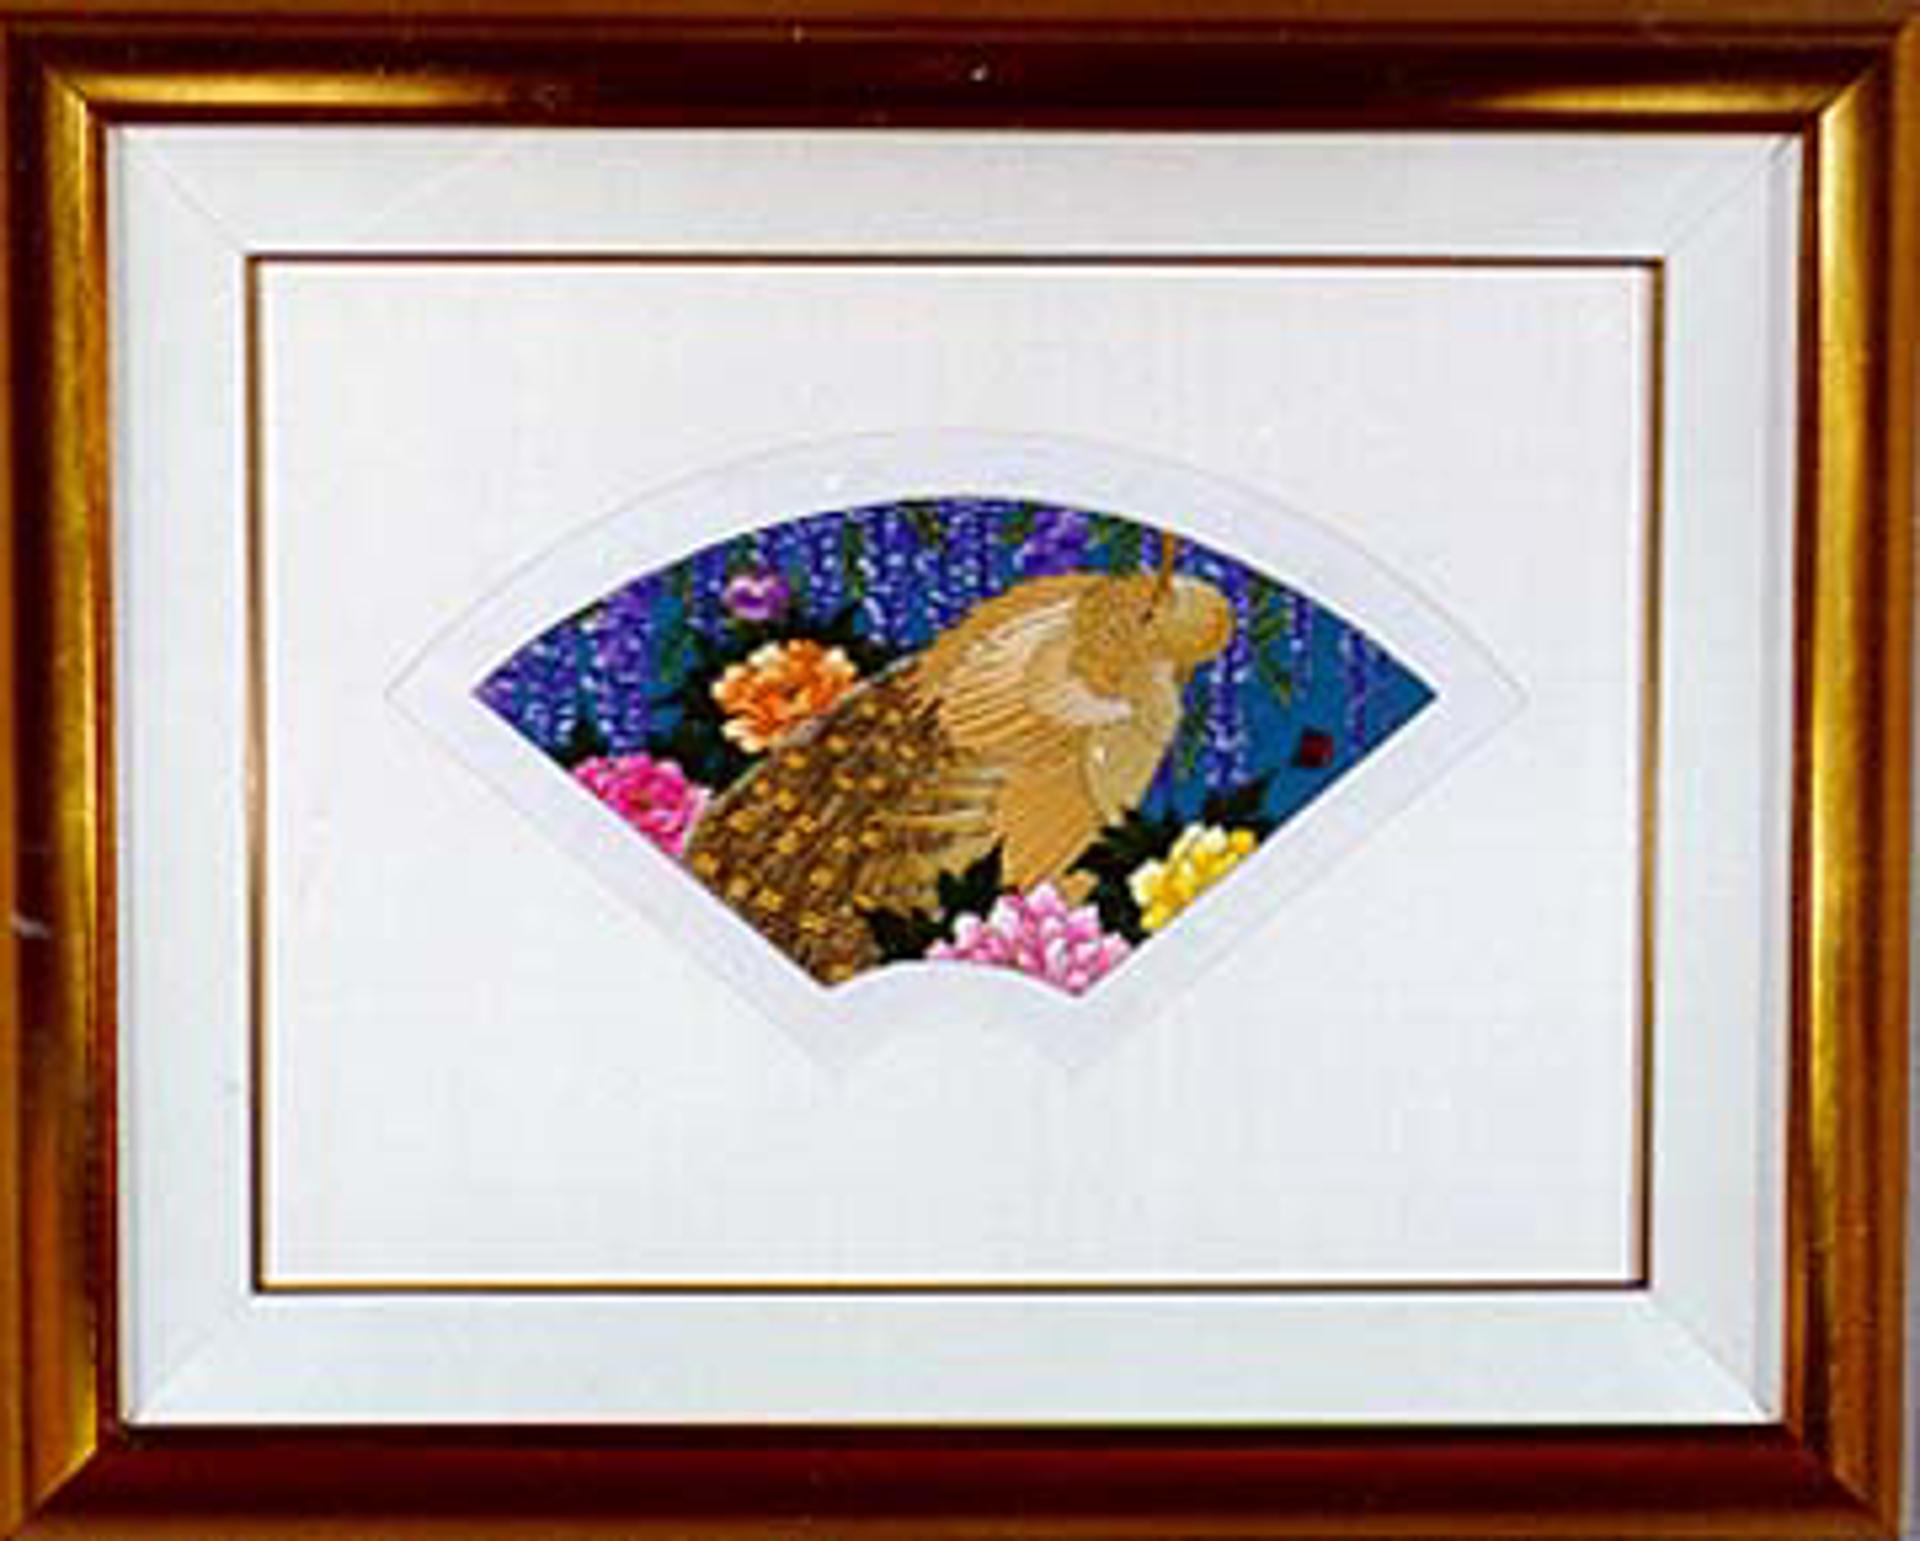 Fan Peacock by Hisashi Otsuka